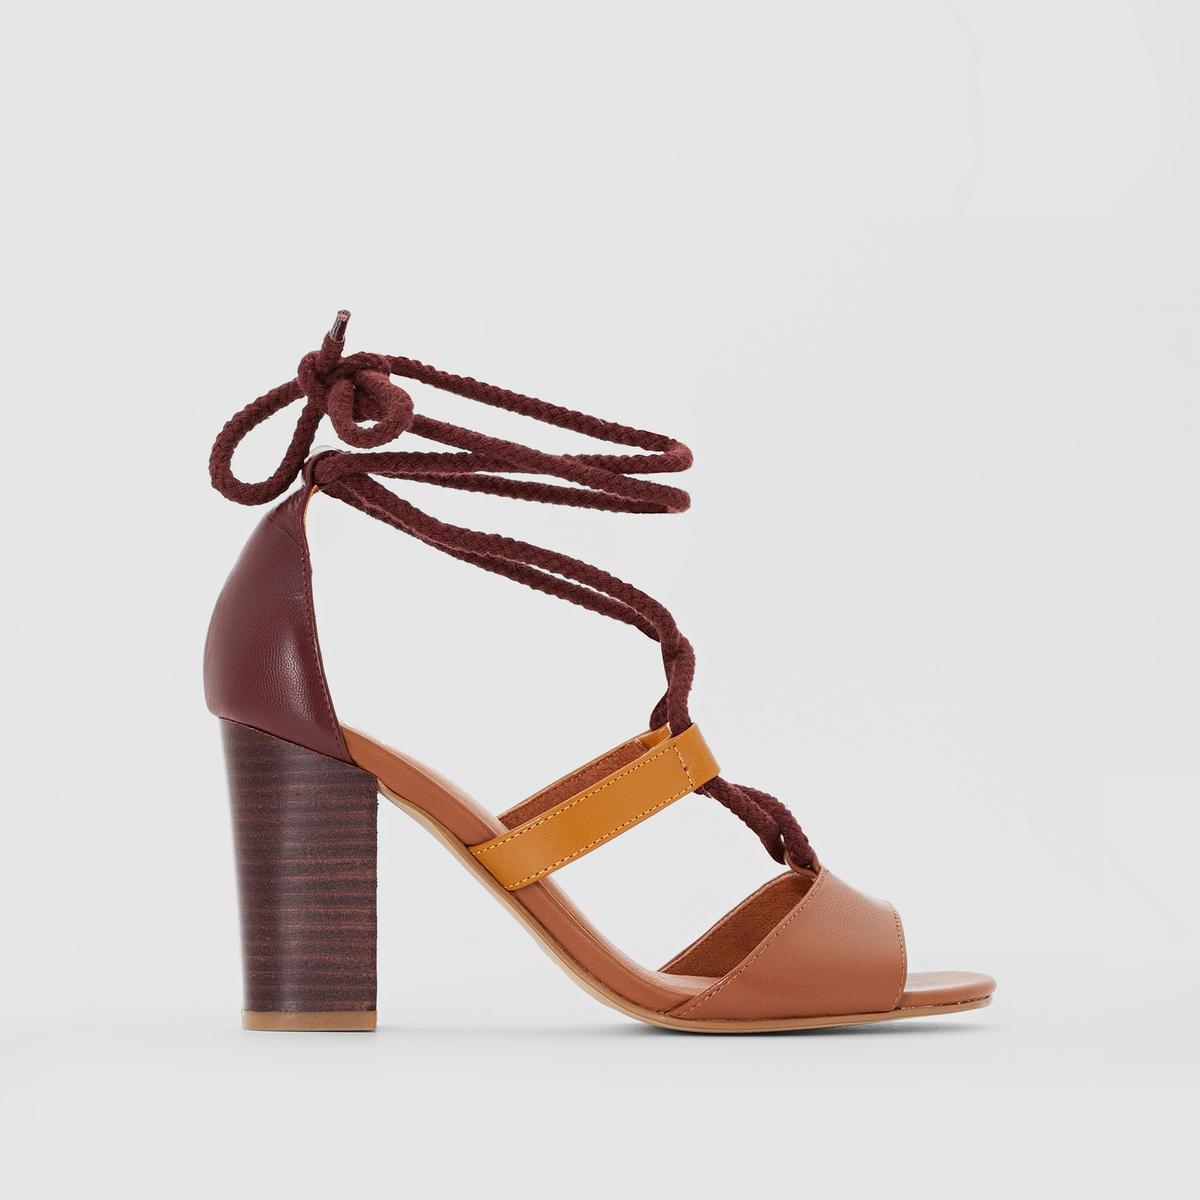 Sandalias de piel con cordón y tacón alto